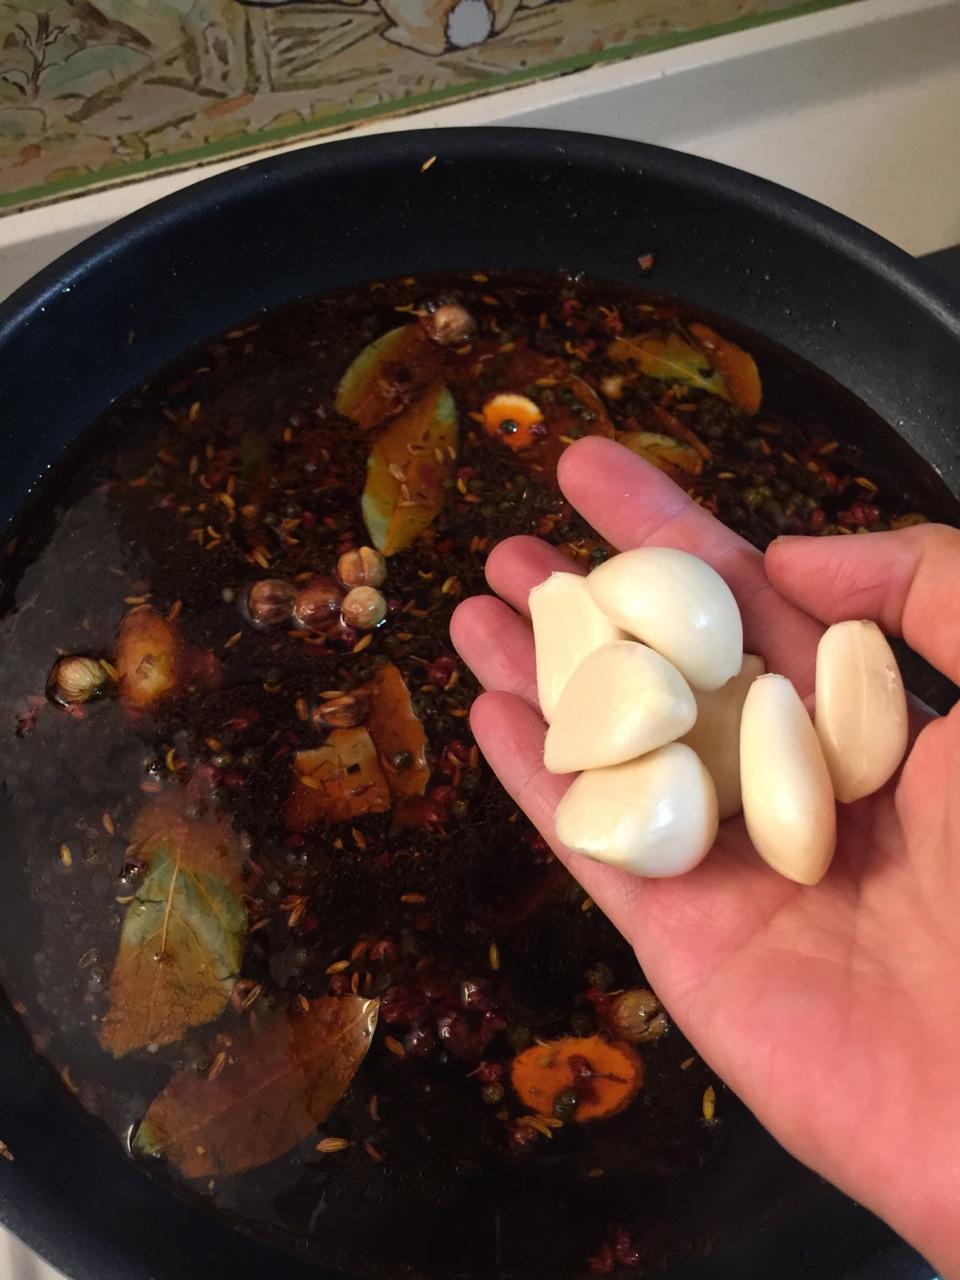 堂妈教你做红汤羊蝎子火锅的做法 步骤20